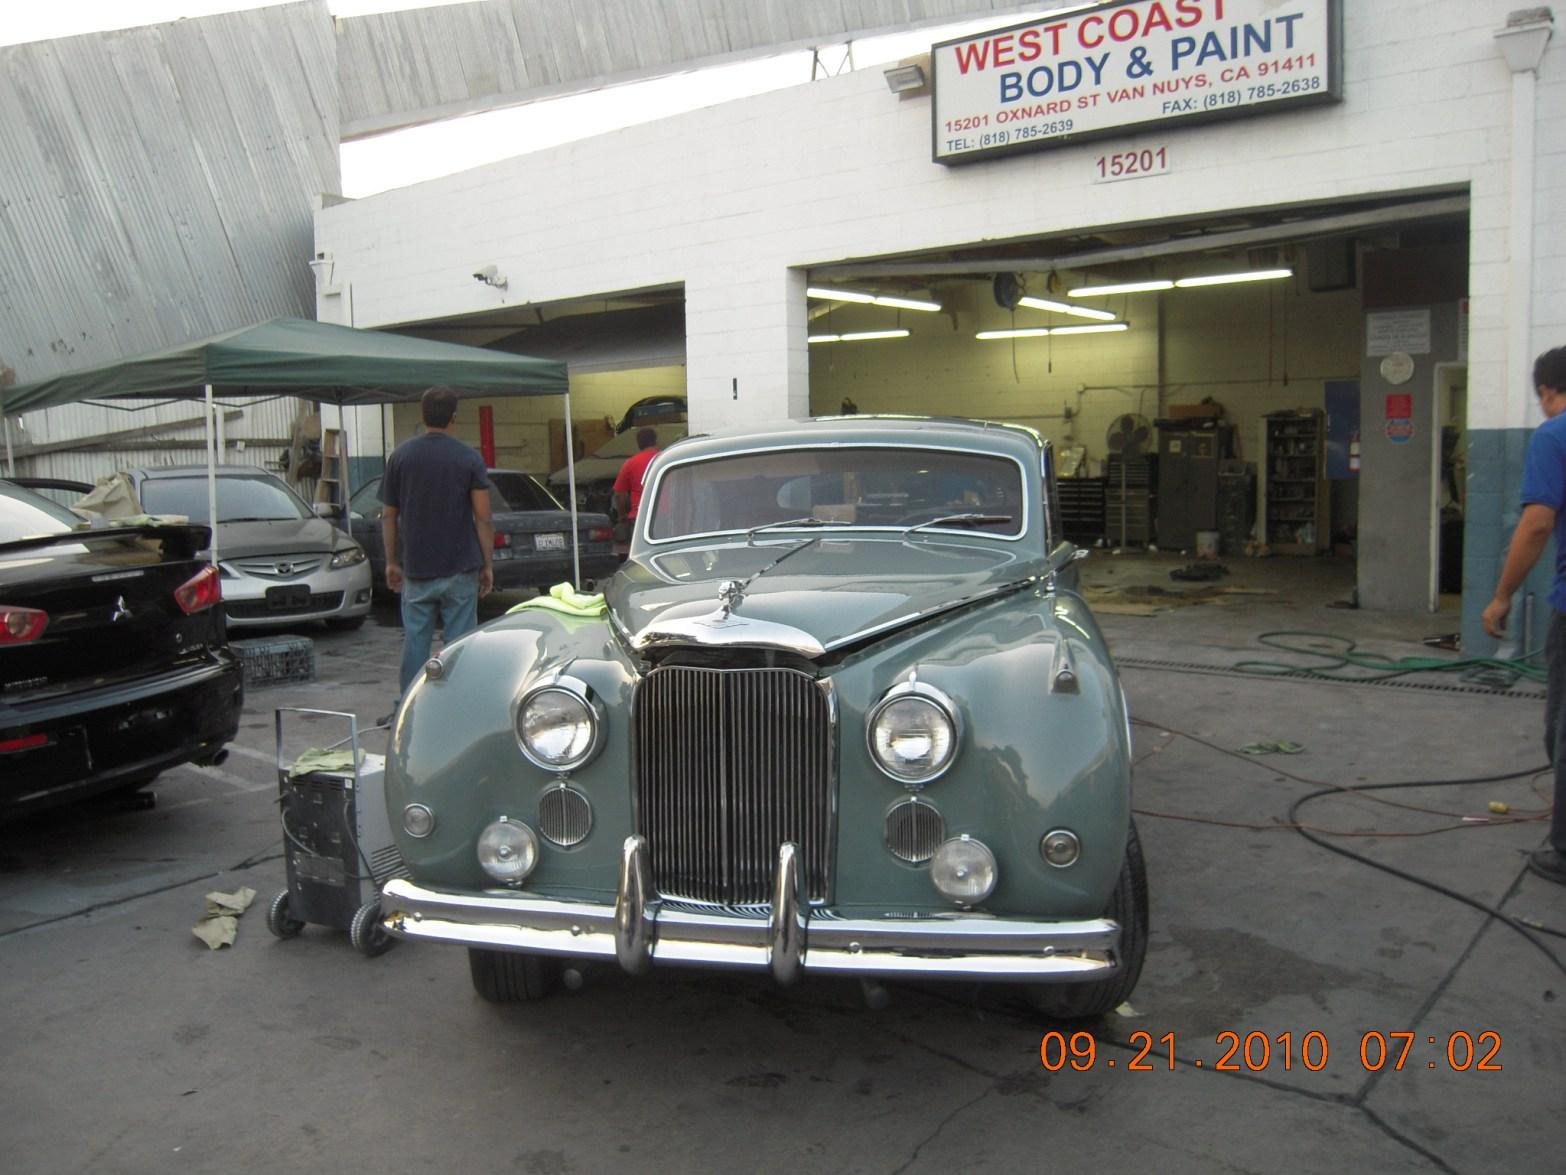 west-coast-body-and-paint-1956-jaguar-mkix-44